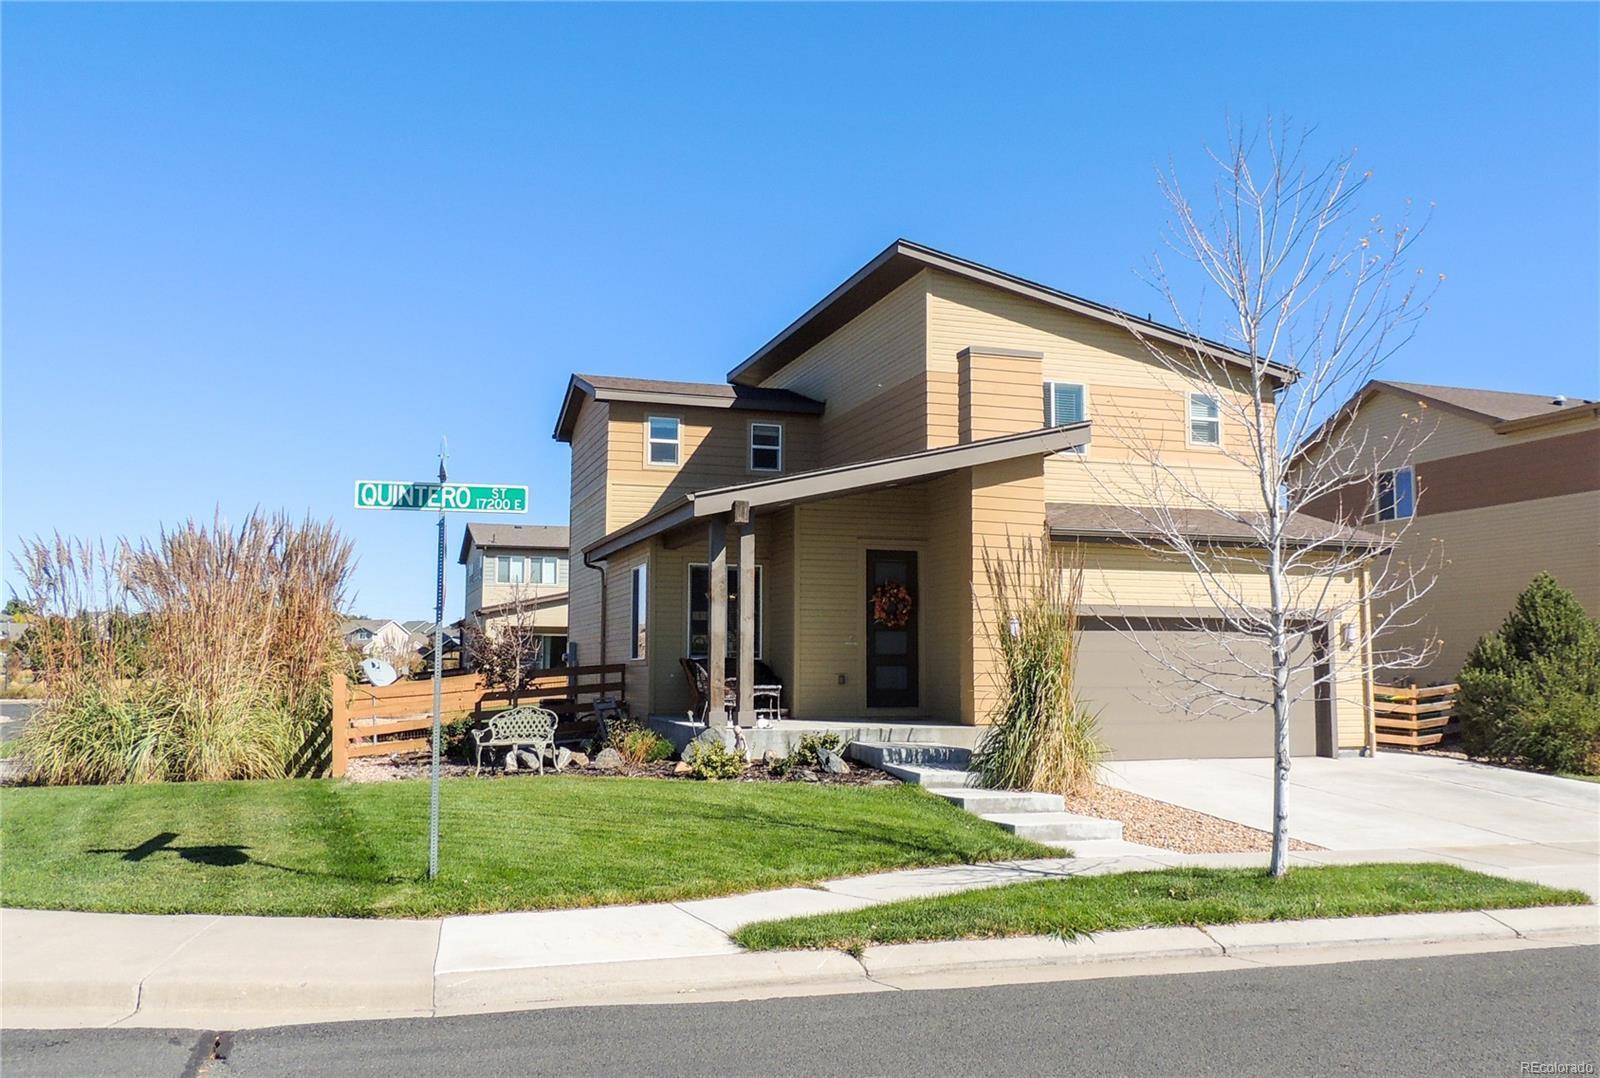 10094 Quintero Street, Commerce City, CO | MLS# 6654072